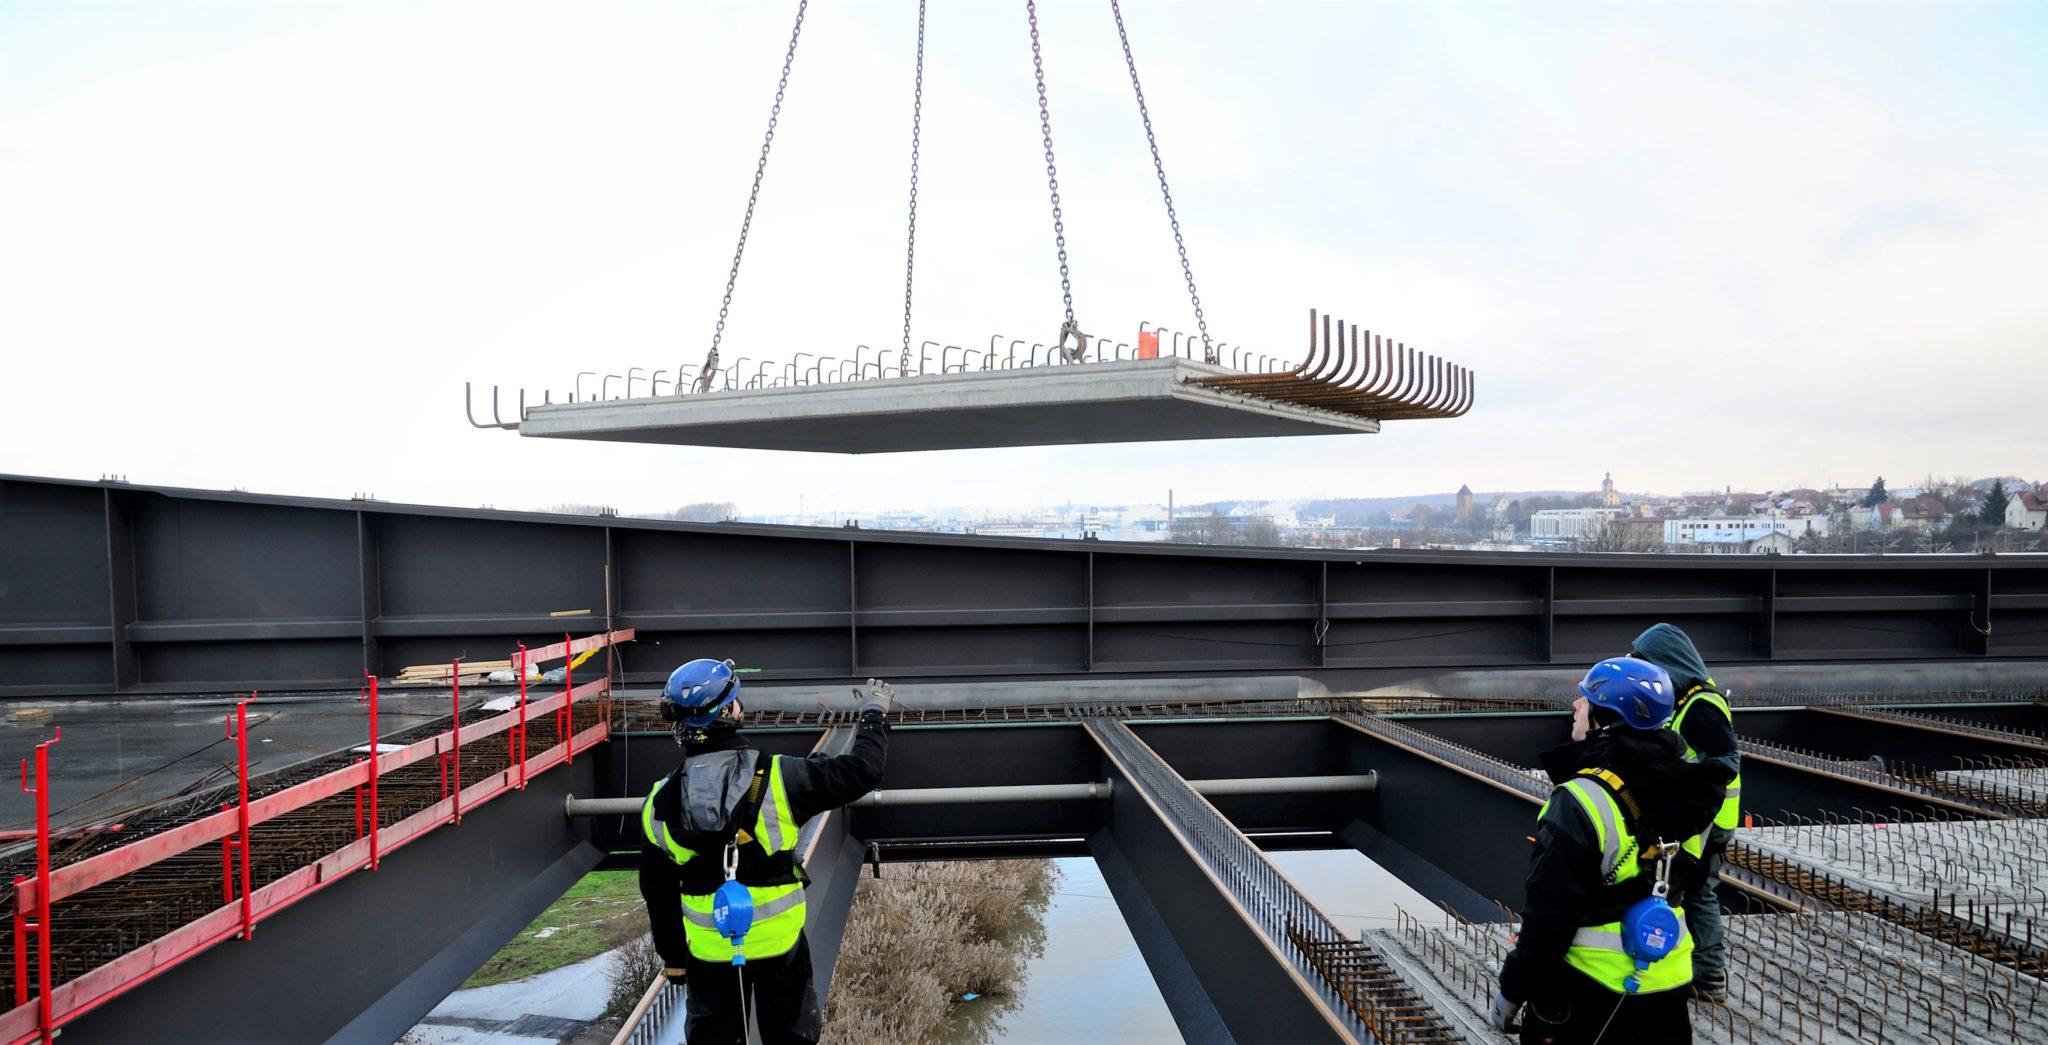 Die Höhenarbeiter sind gesichert. Sie arbeiten auf den Stahlträgern über dem Neckar, nehmen die Betonplatten vom Kran in Empfang und platzieren sie auf den Trägern. Quelle: Heilbronner Stimme